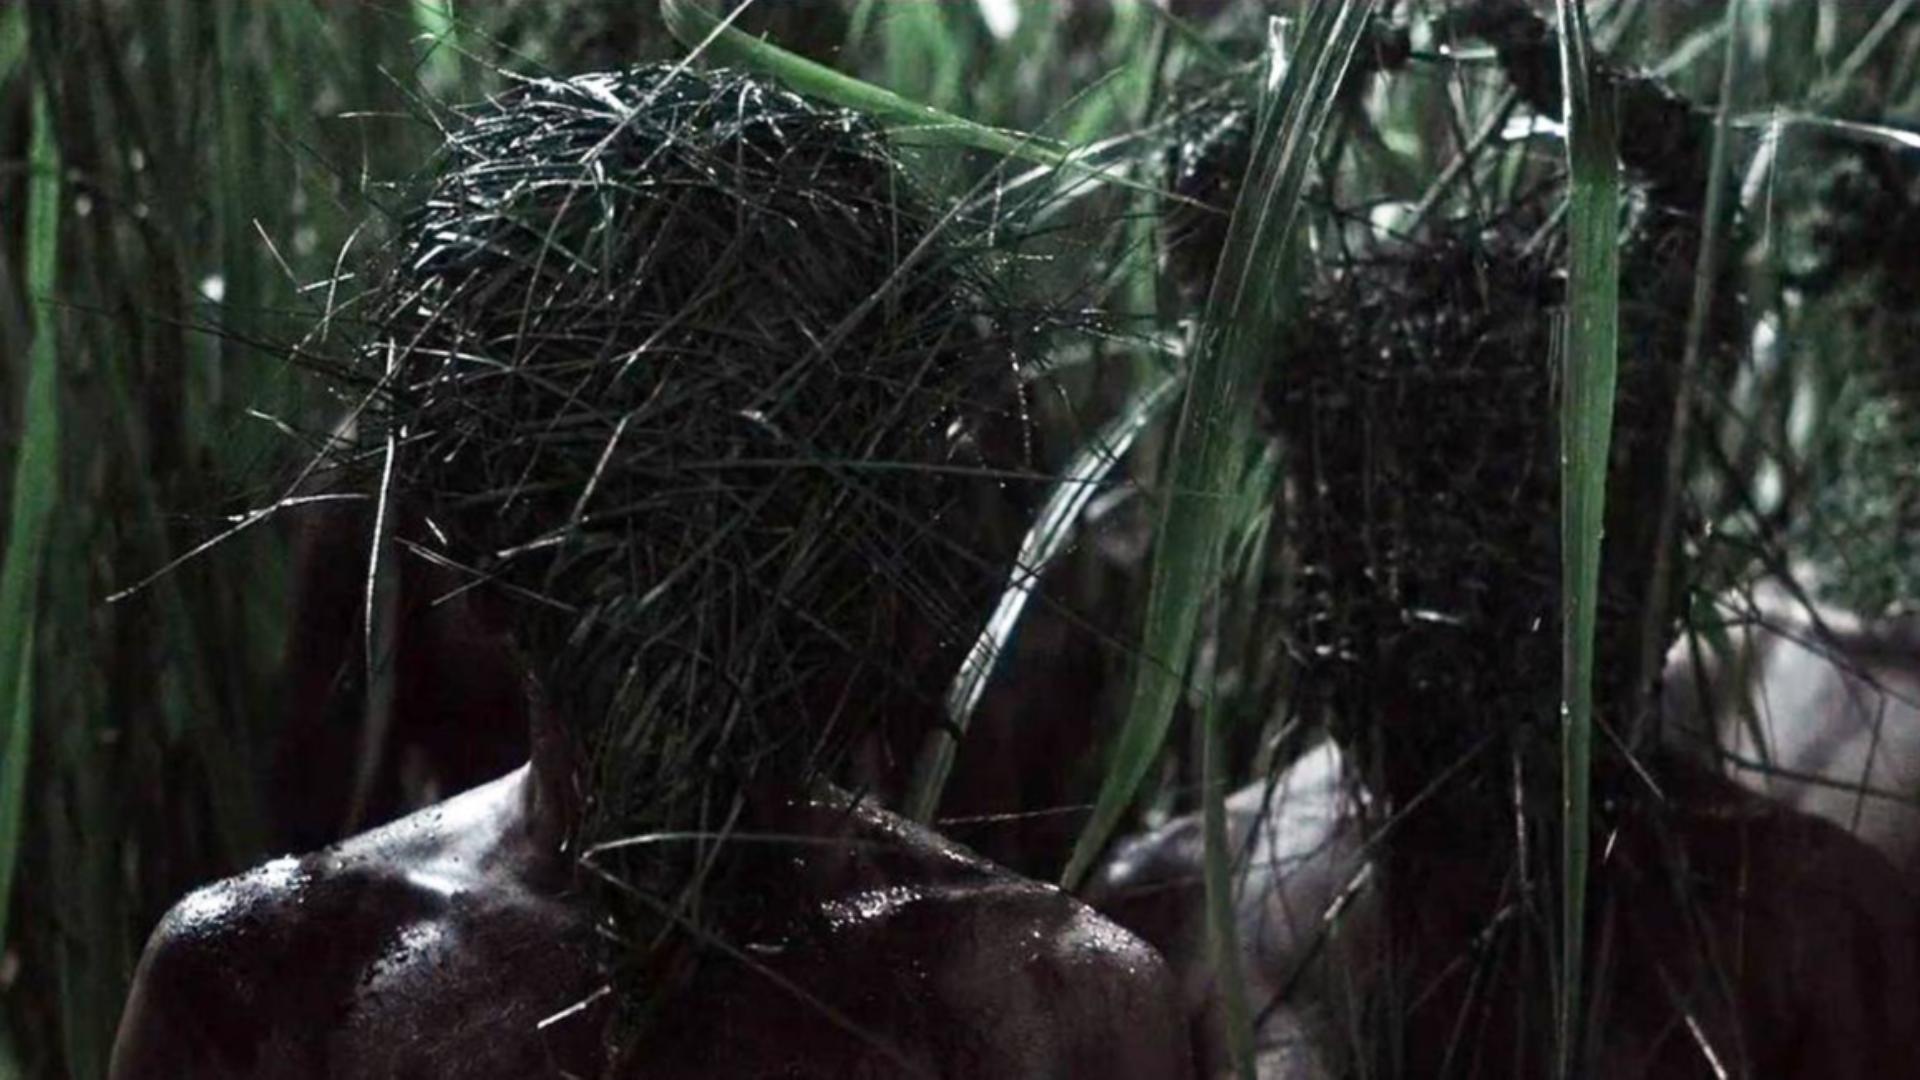 一部被低估了的恐怖悬疑片,《高草丛中》茂密草丛开启死亡循环!